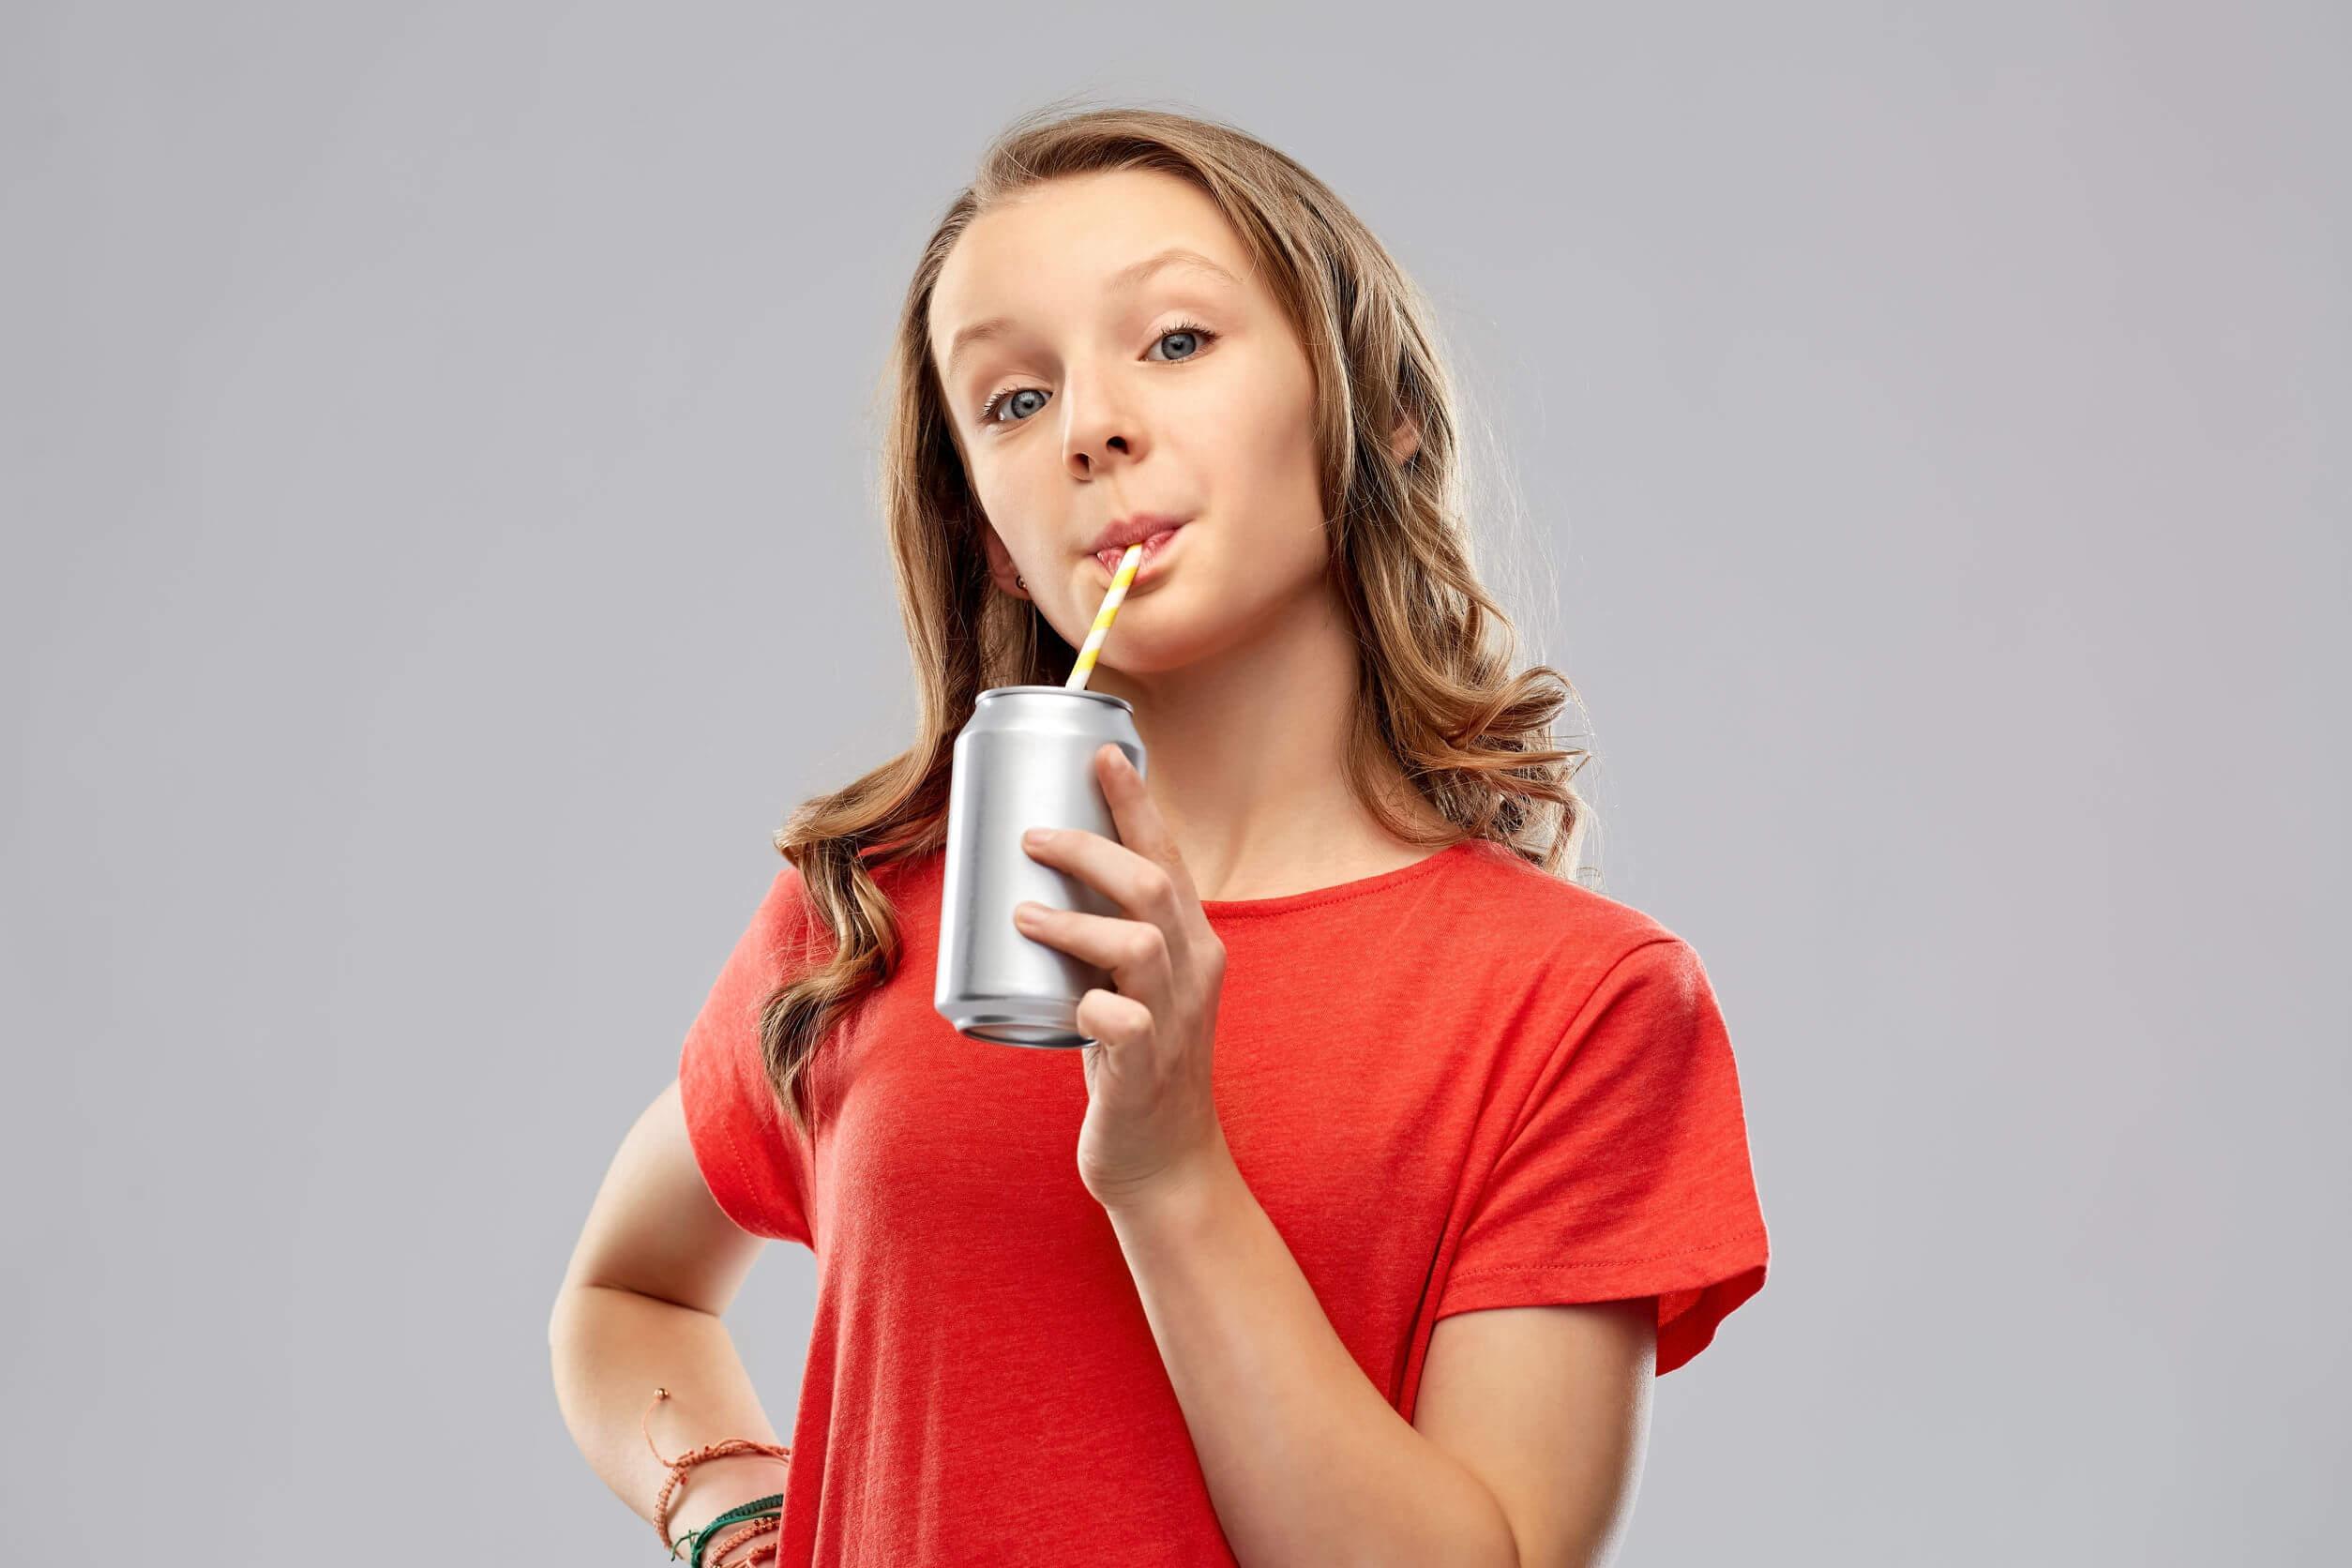 Chica adolescente bebiendo un refresco con muchos carbohidratos y azúcar.